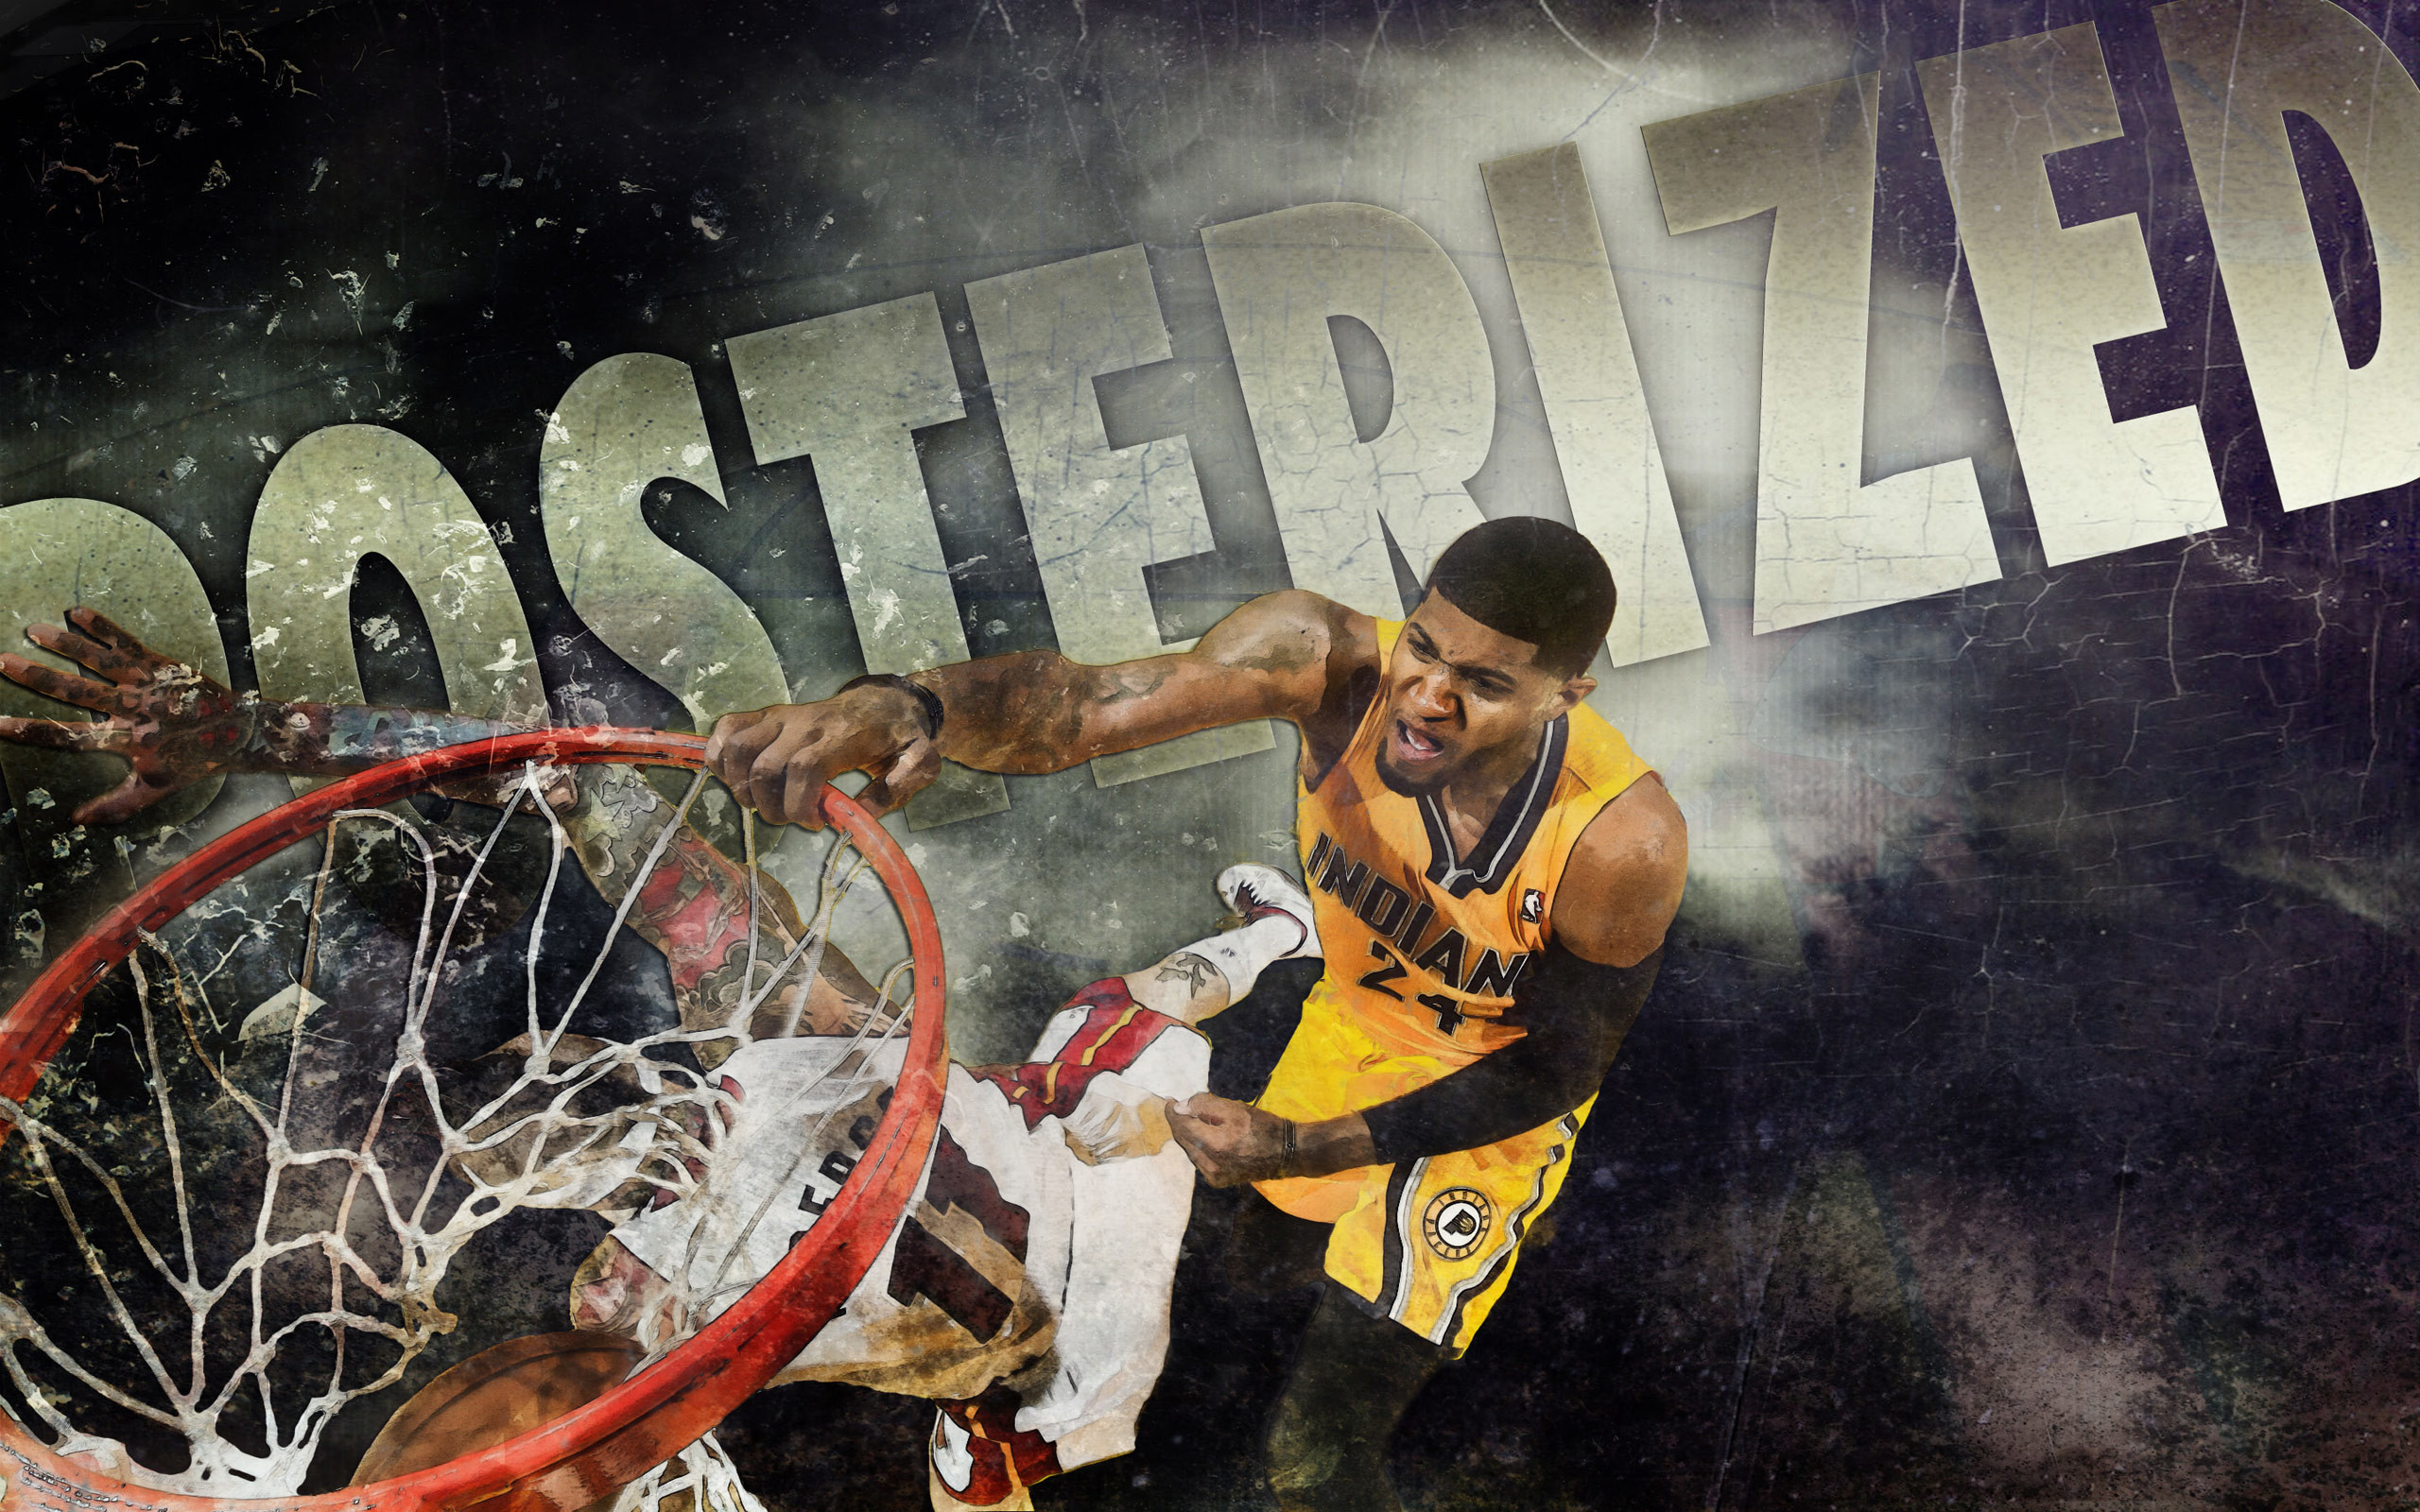 Paul George Dunk Over Birdman 2013 2560×1600 Wallpaper | Basketball .